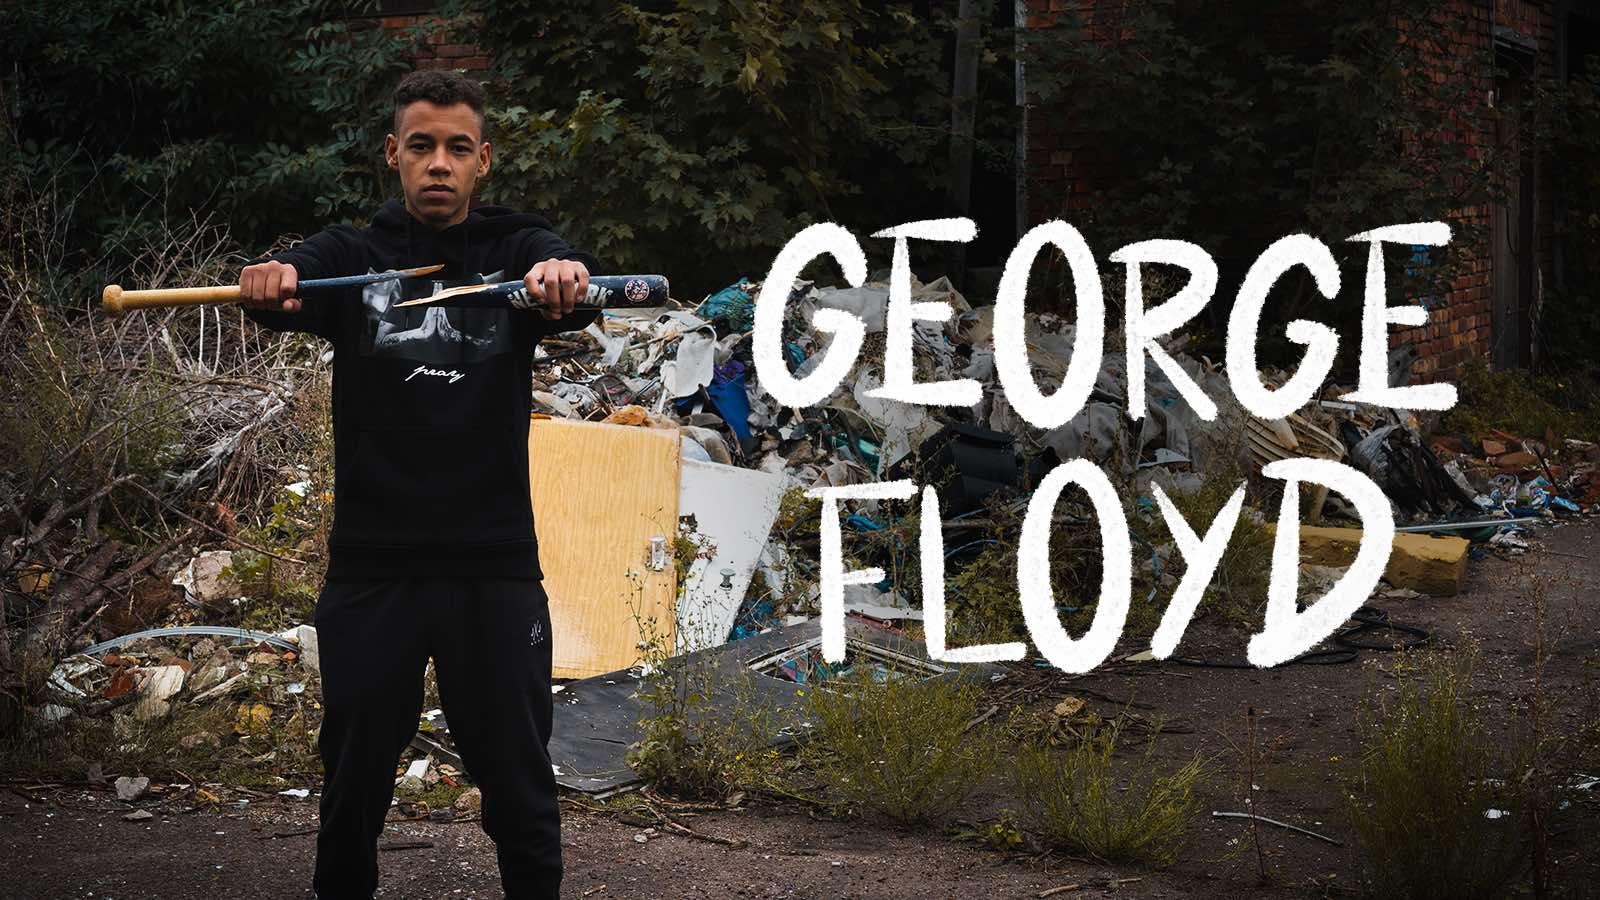 Upcoming: MBP - George Floyd